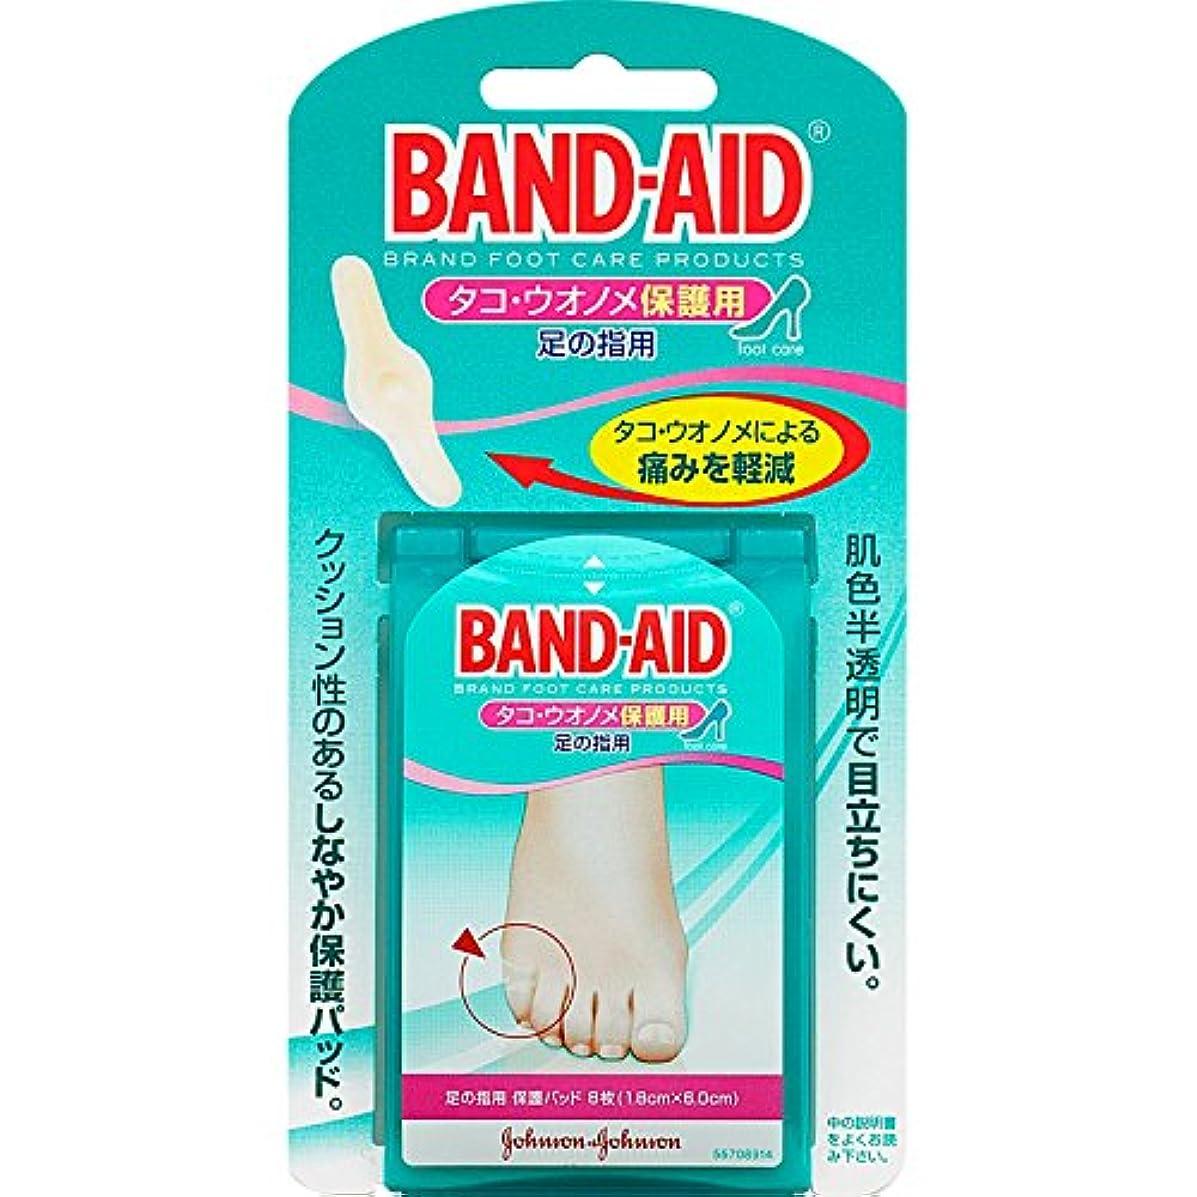 かもめ権威シェルターBAND-AID(バンドエイド) タコ?ウオノメ保護用 足の指用 8枚